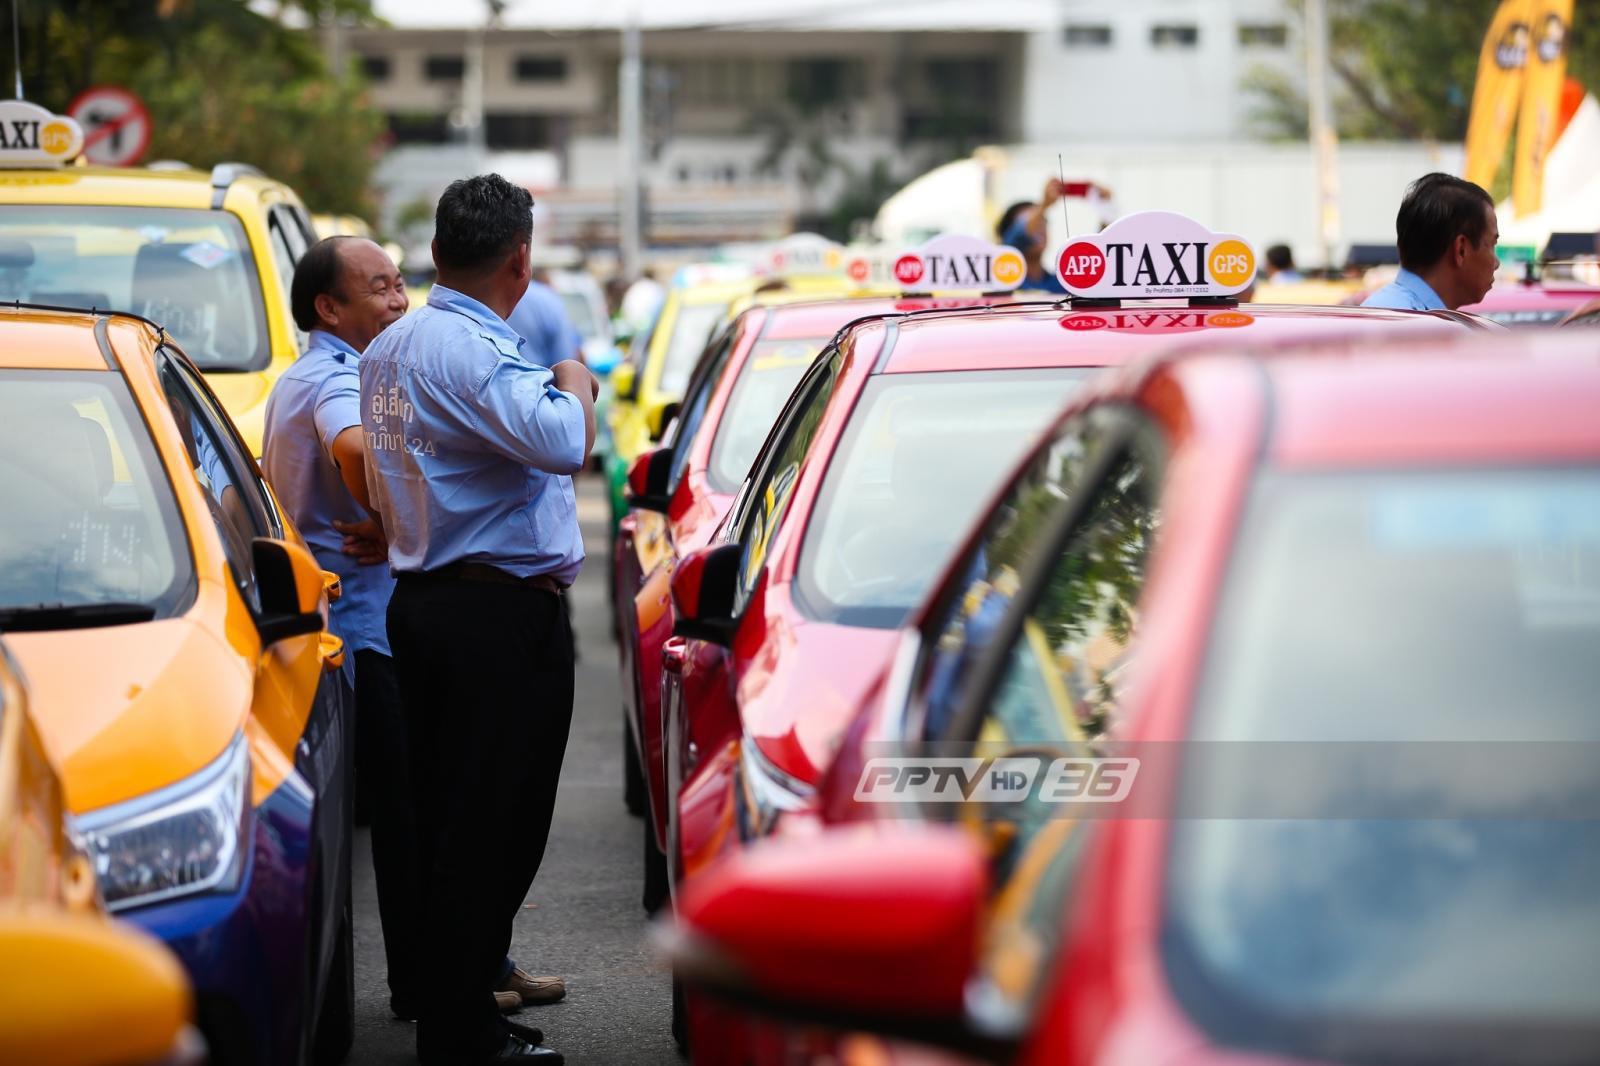 นัดรวมตัว !! เครือข่ายแท็กซี่ เตรียมยื่น 4 ข้อ แลกนโยบาย ดันแกร็บ